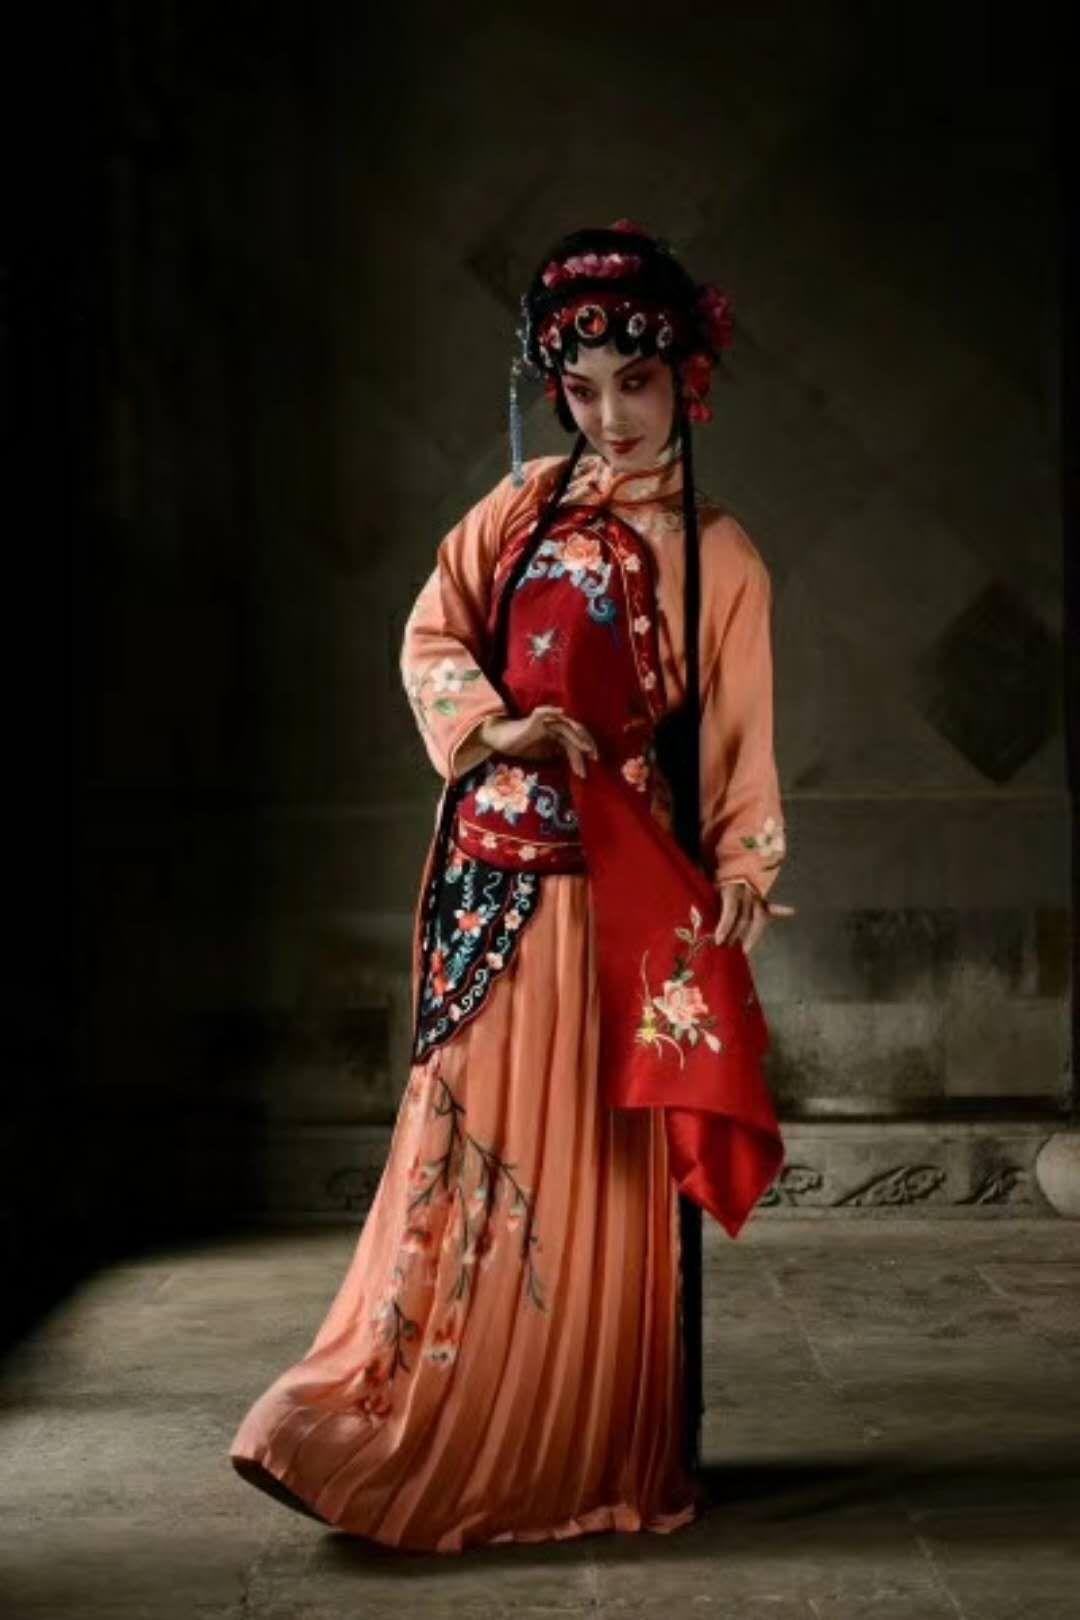 新編崑劇「潘金蓮」從女性的觀點來看女人,對潘的身世作細膩描寫,讓觀眾理解她為何成...